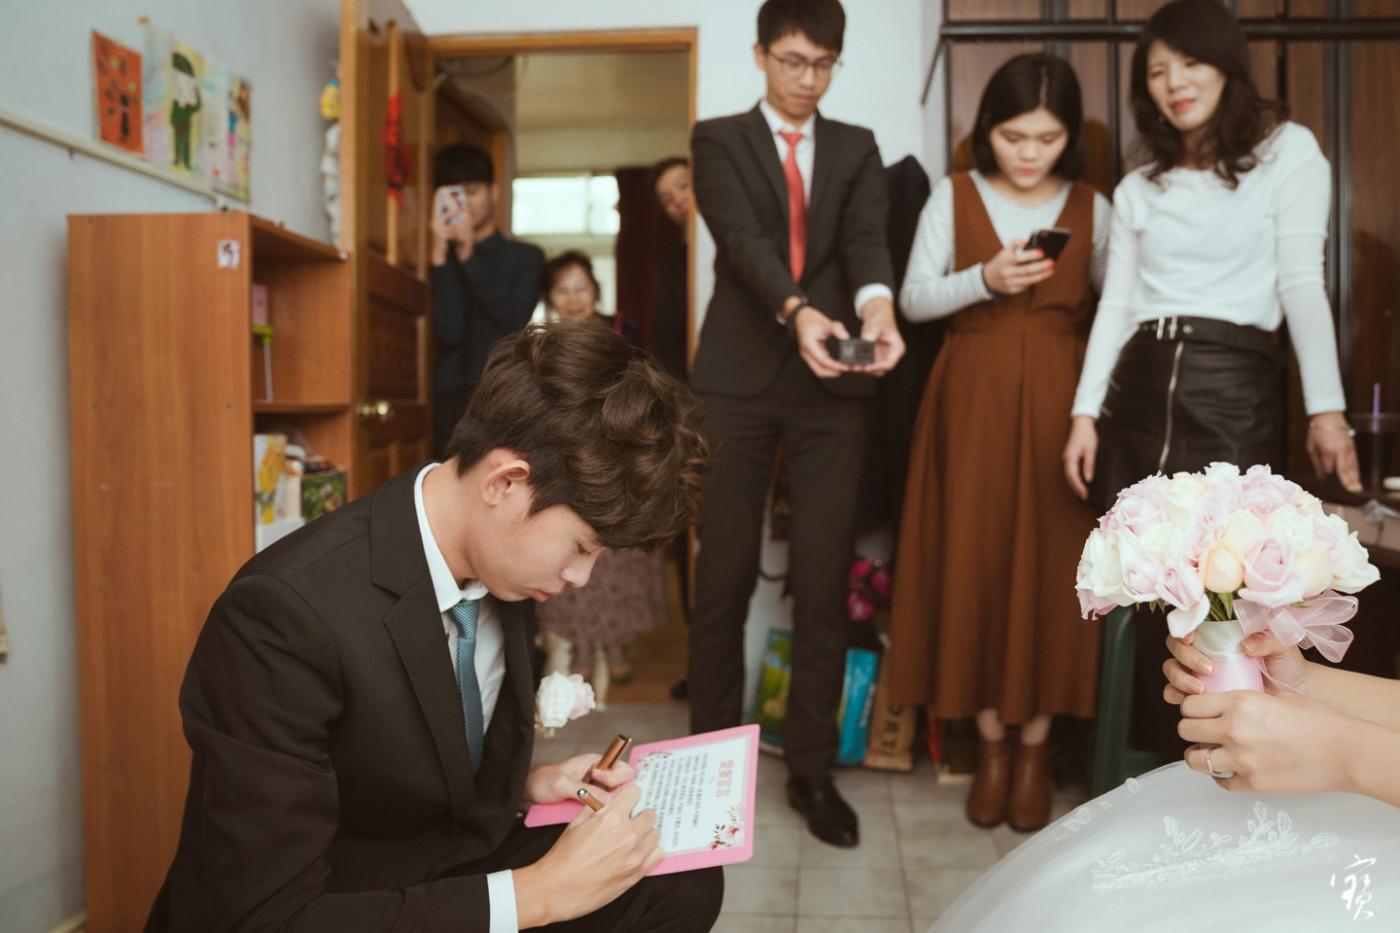 婚禮攝影 新竹彭園 冬伴影像 攝影師大寶 婚紗攝影 新娘新郎 早儀午宴20181125-62